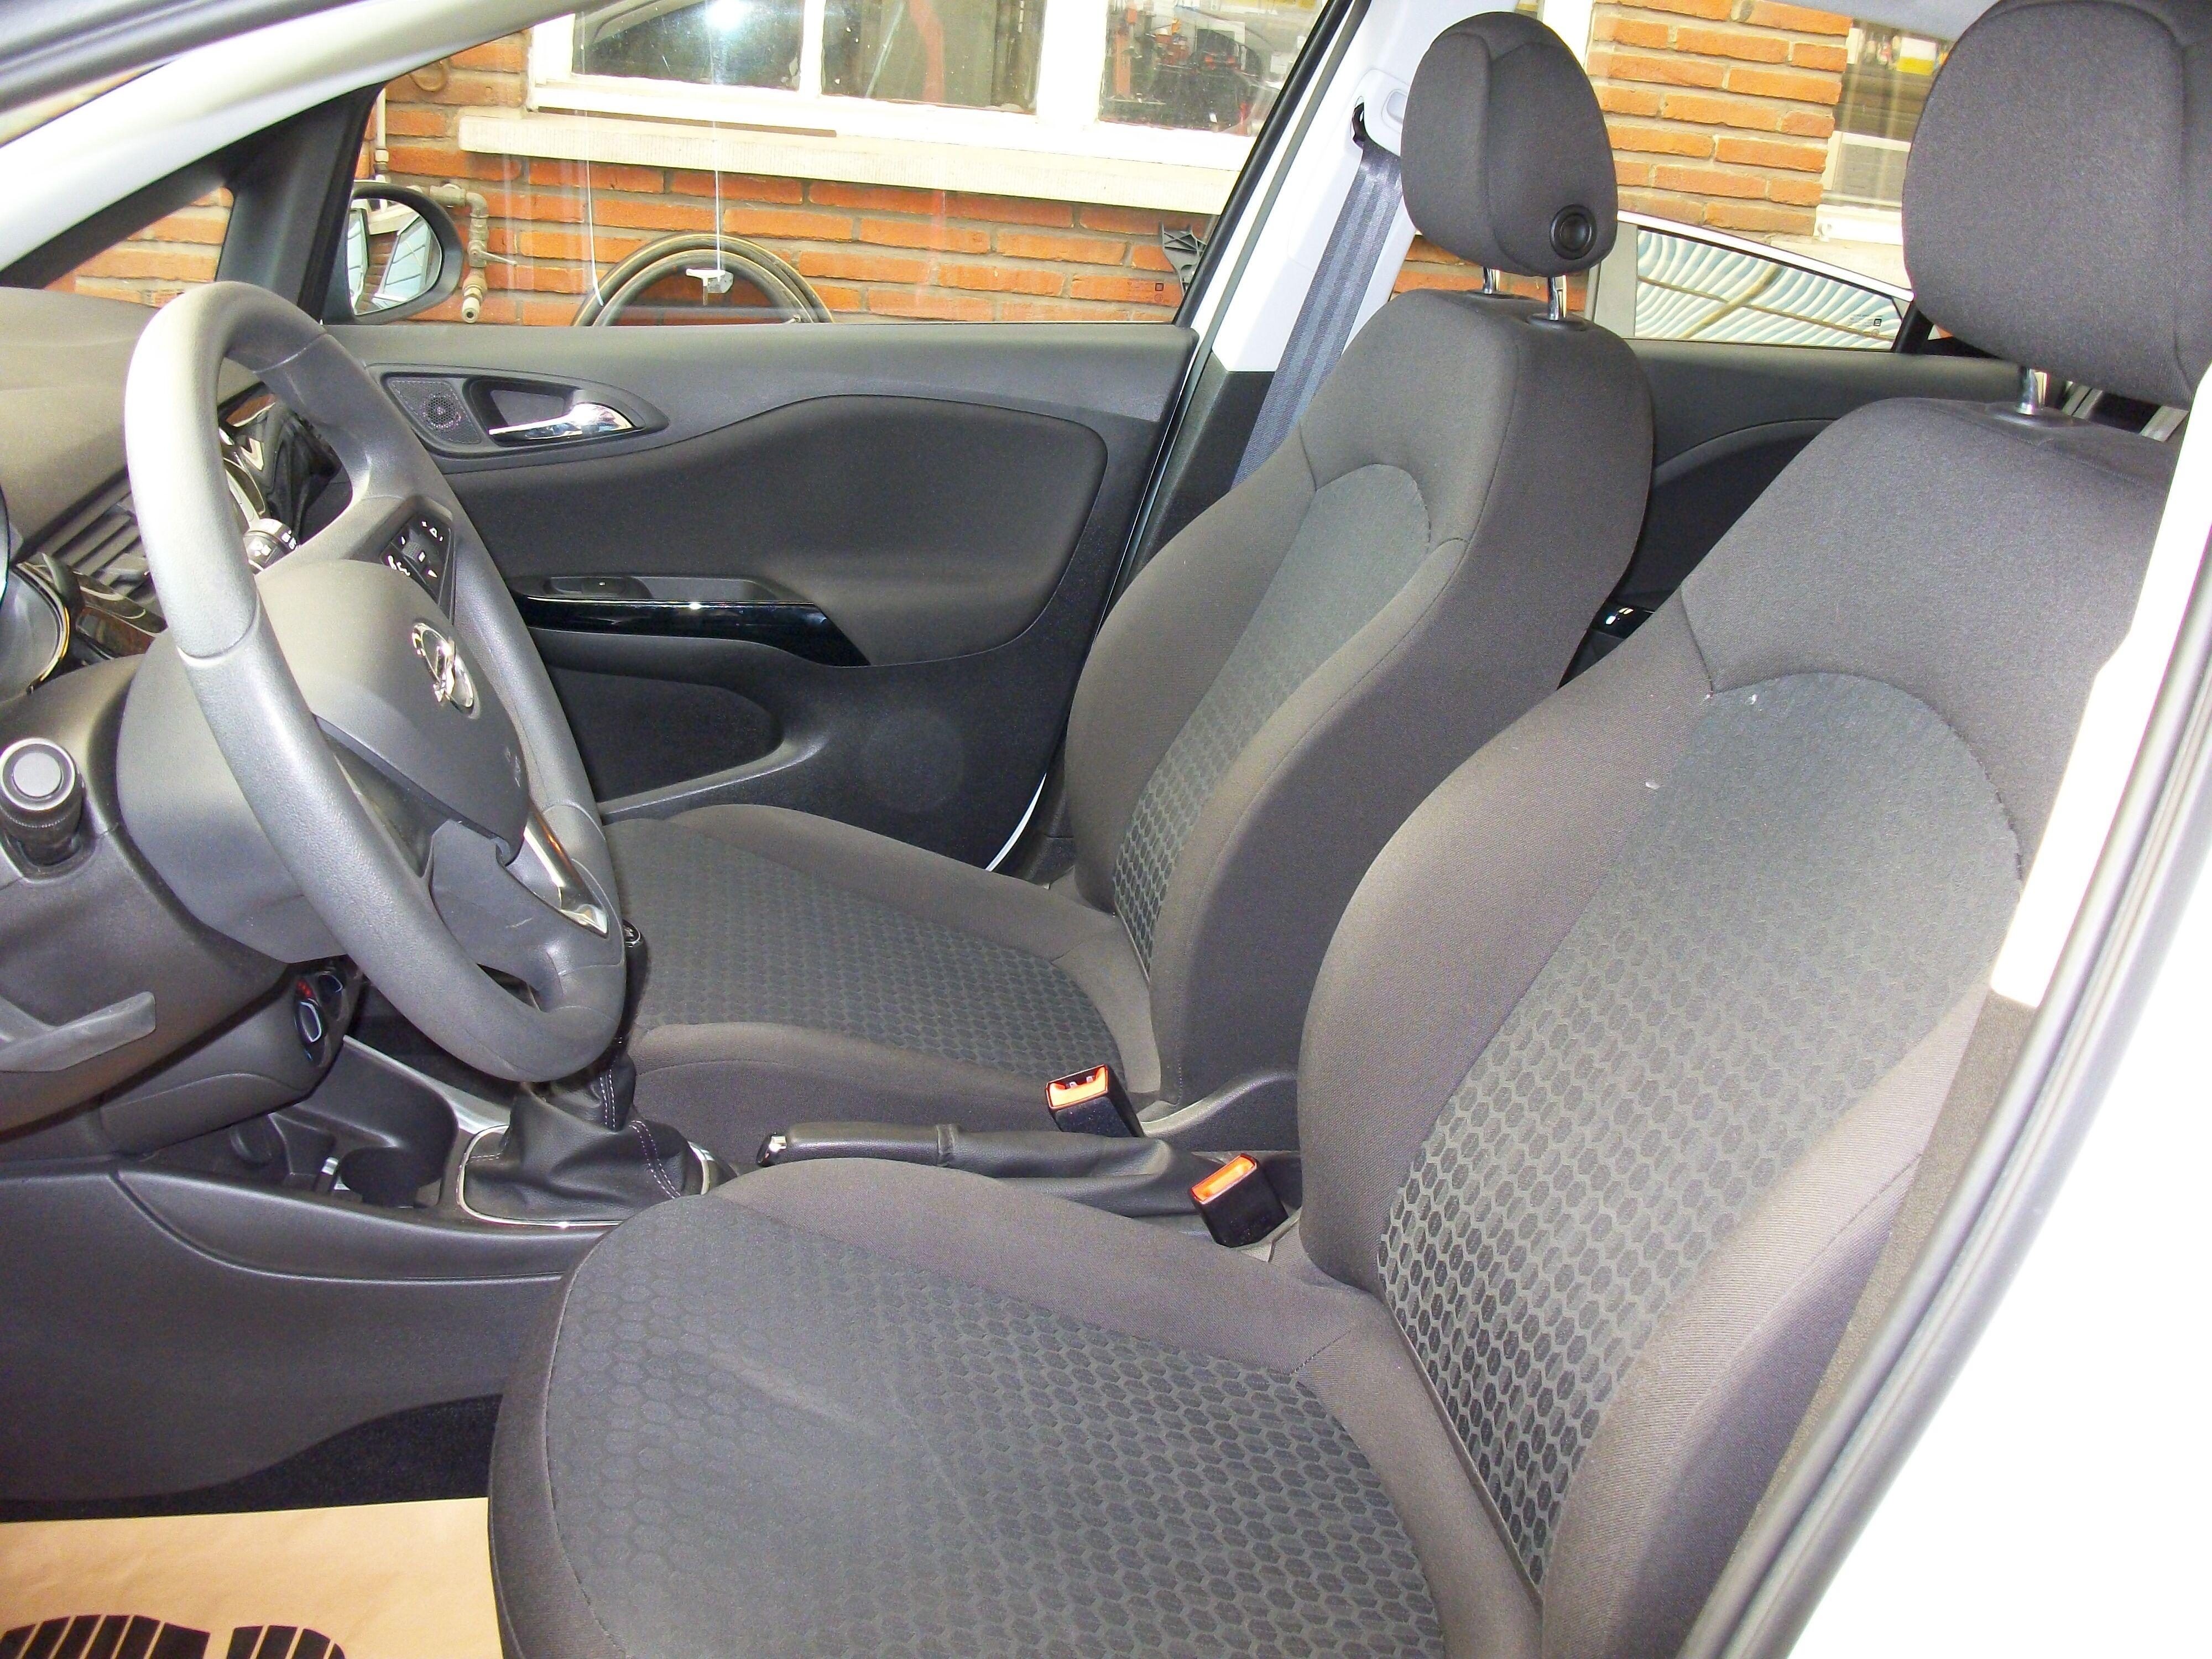 Opel Corsa CORSA E 1.2 Benz. - 5 deur 10/15